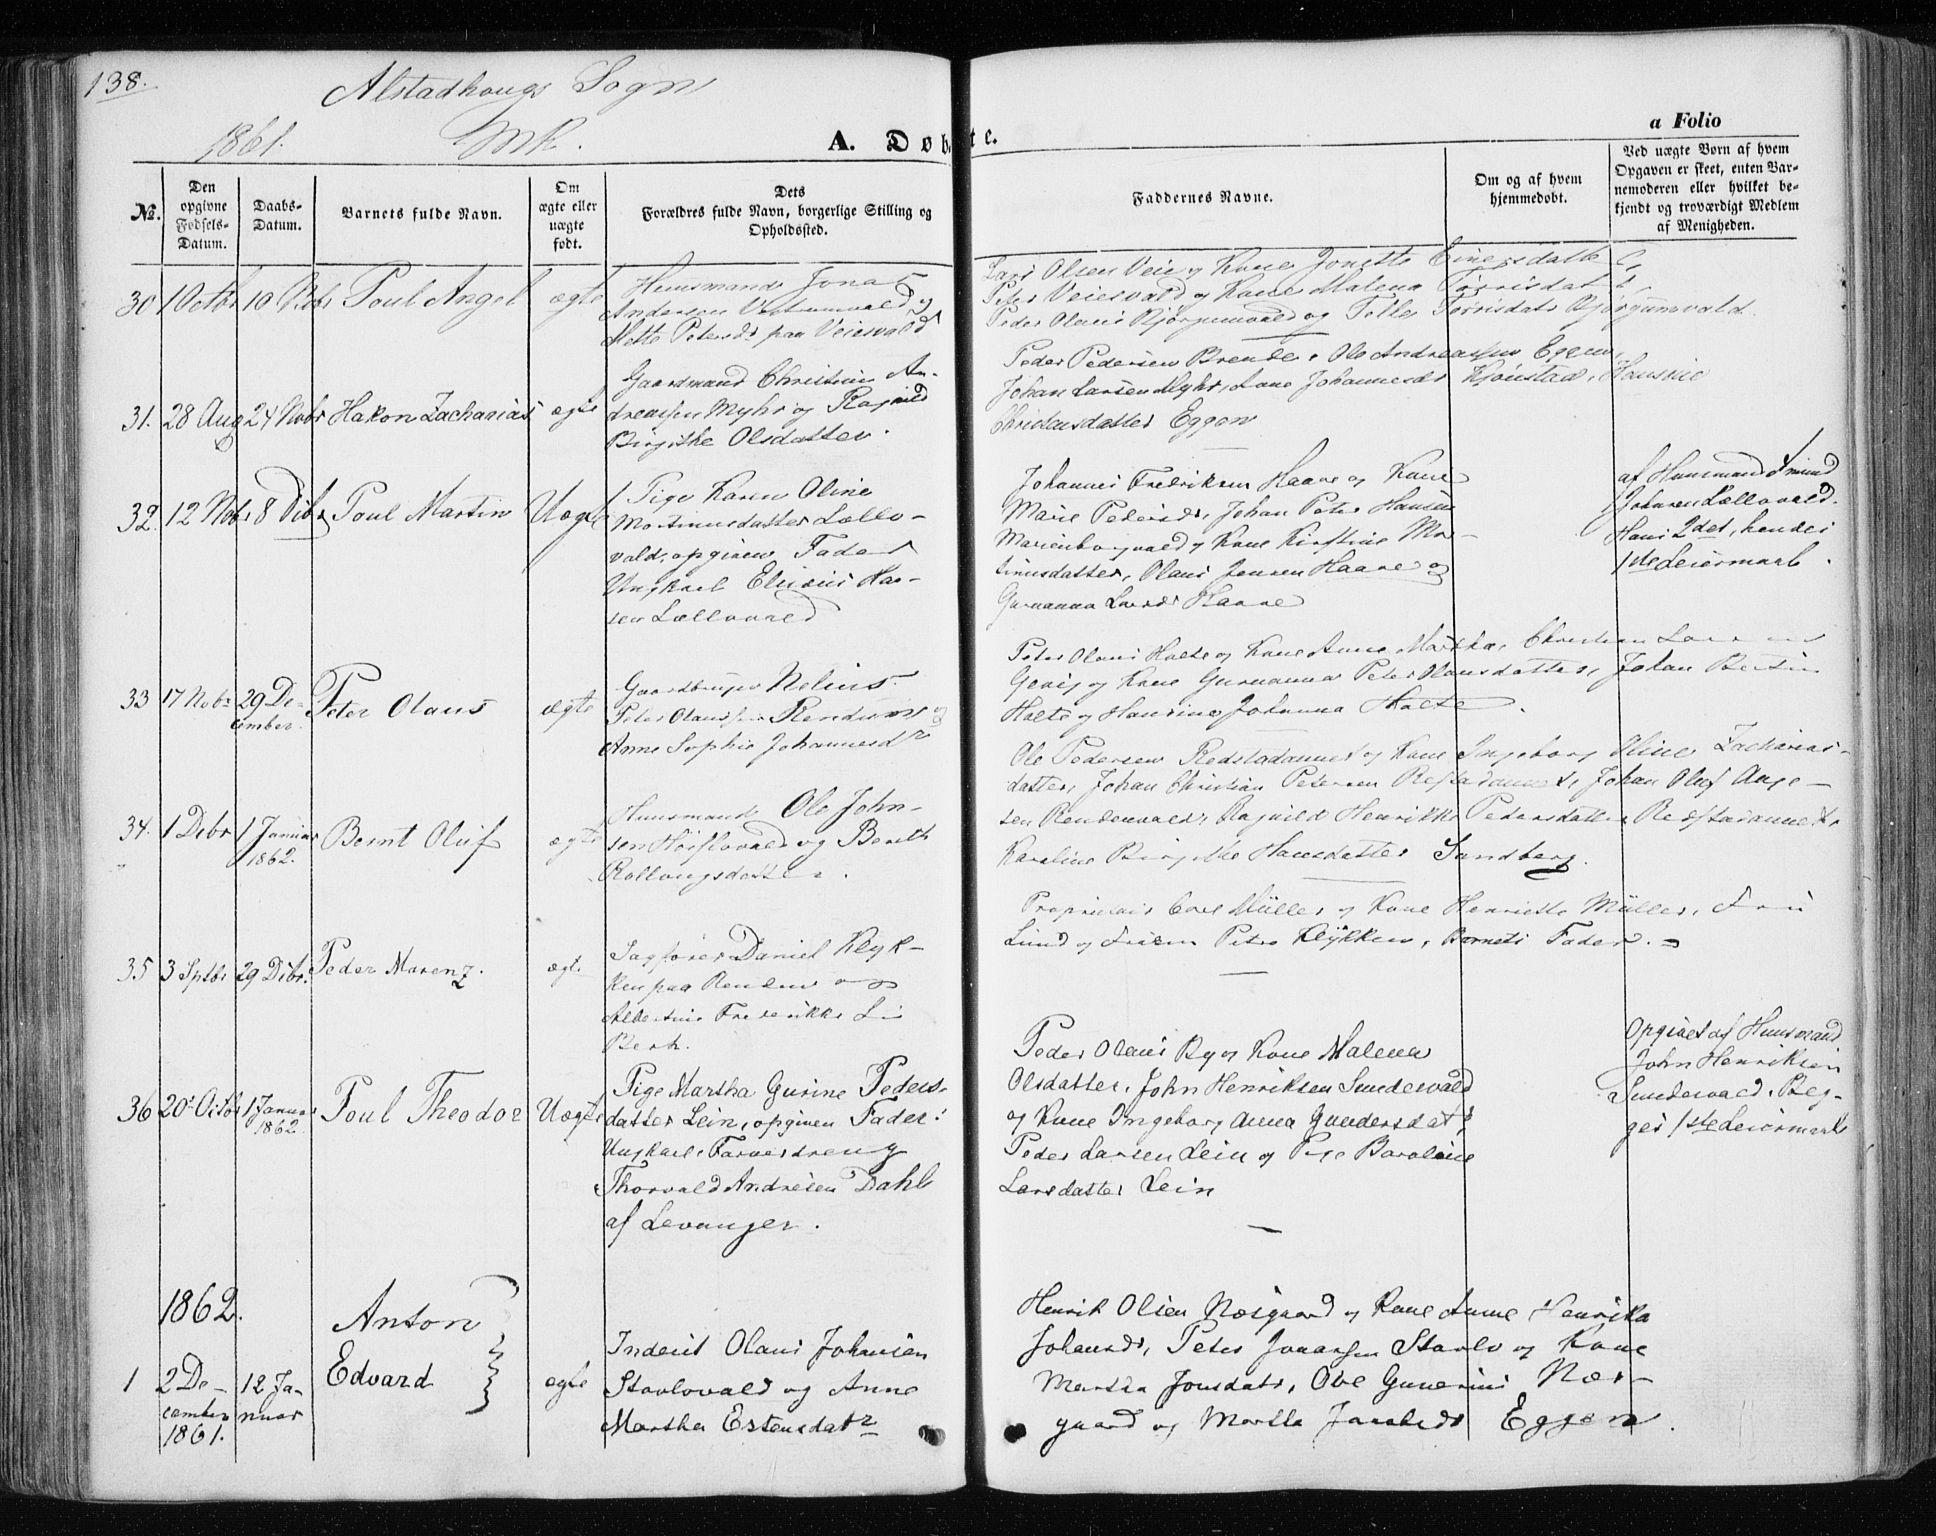 SAT, Ministerialprotokoller, klokkerbøker og fødselsregistre - Nord-Trøndelag, 717/L0154: Ministerialbok nr. 717A07 /1, 1850-1862, s. 138